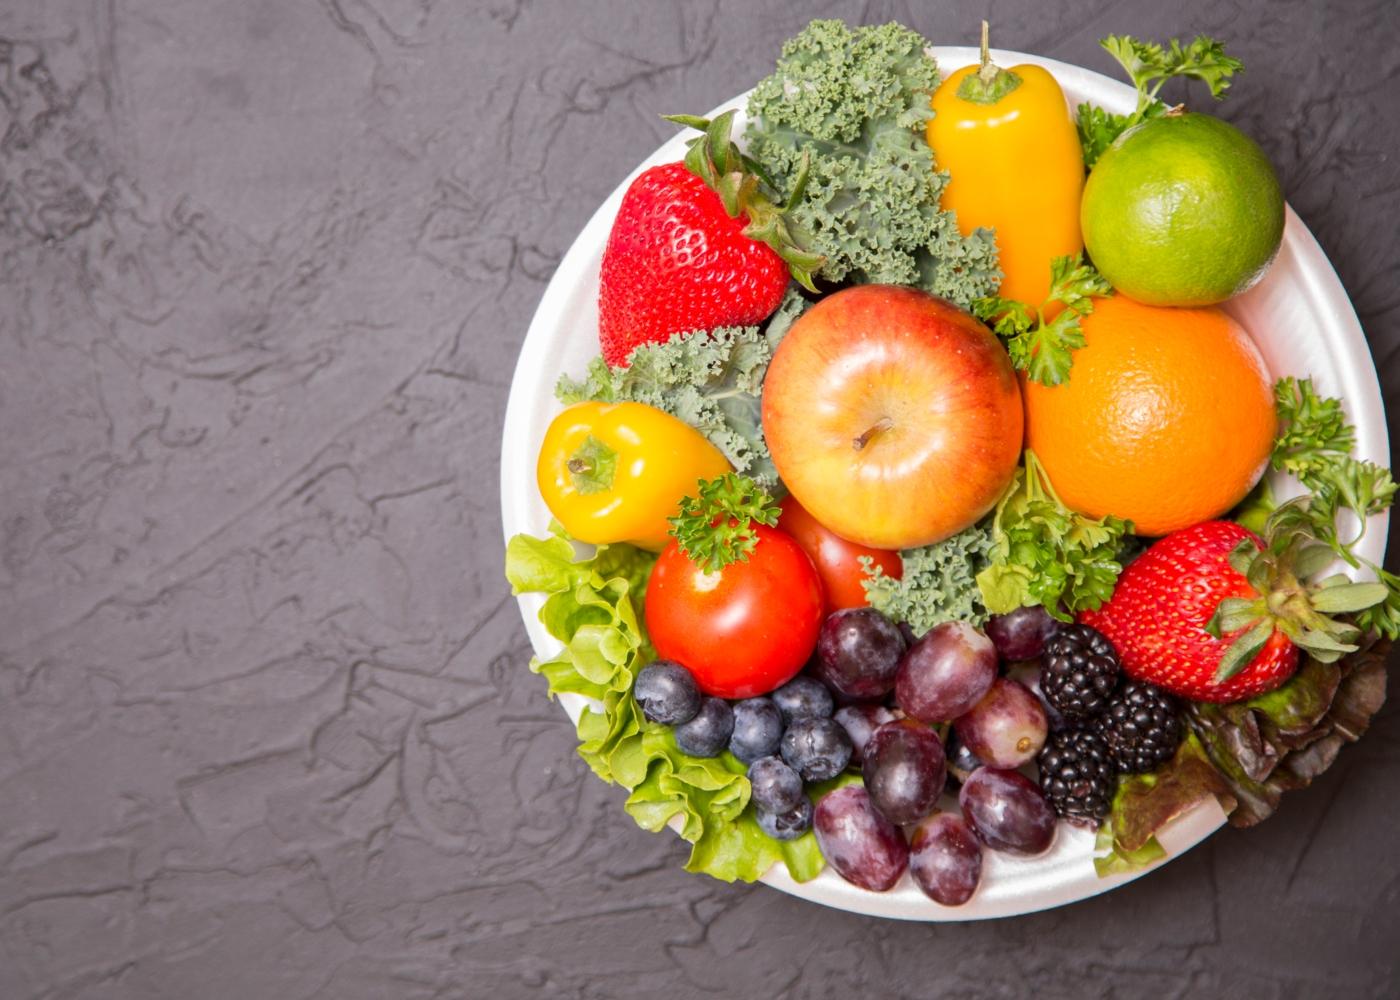 Prato com frutas e legumes em cima de mesa